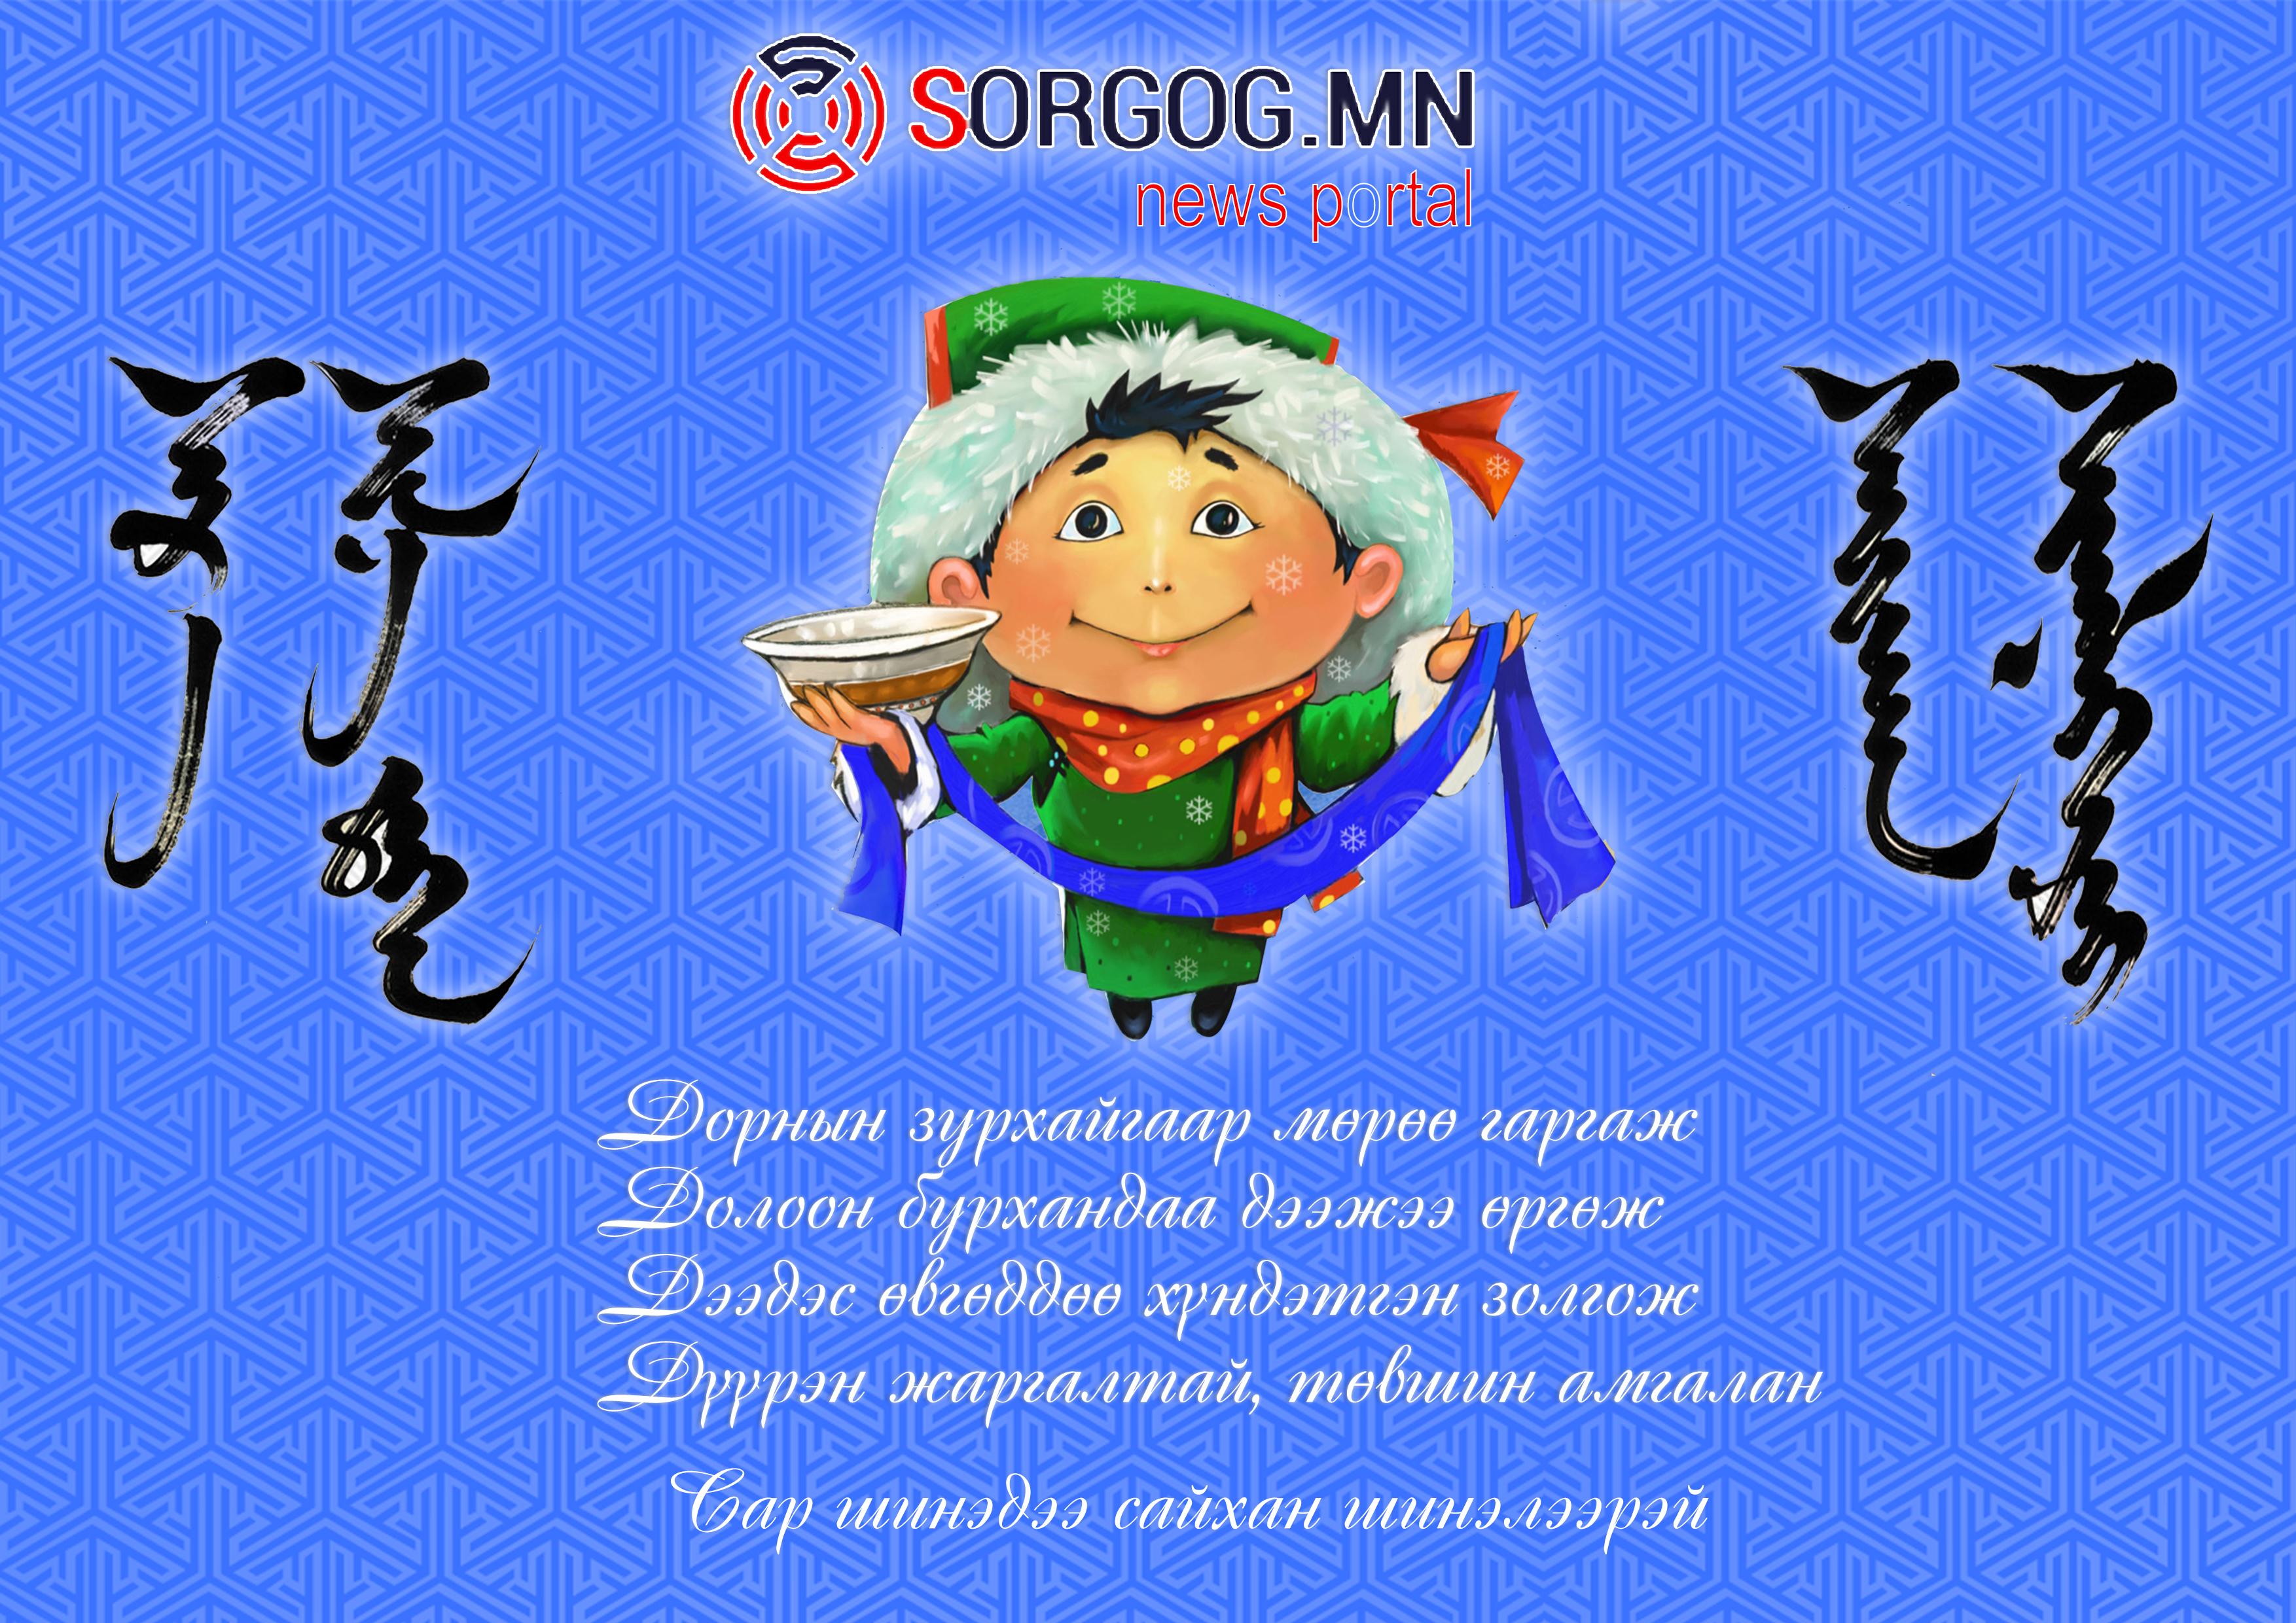 Монгол түмэн минь сар шинэдээ сайхан шинэлээрэй